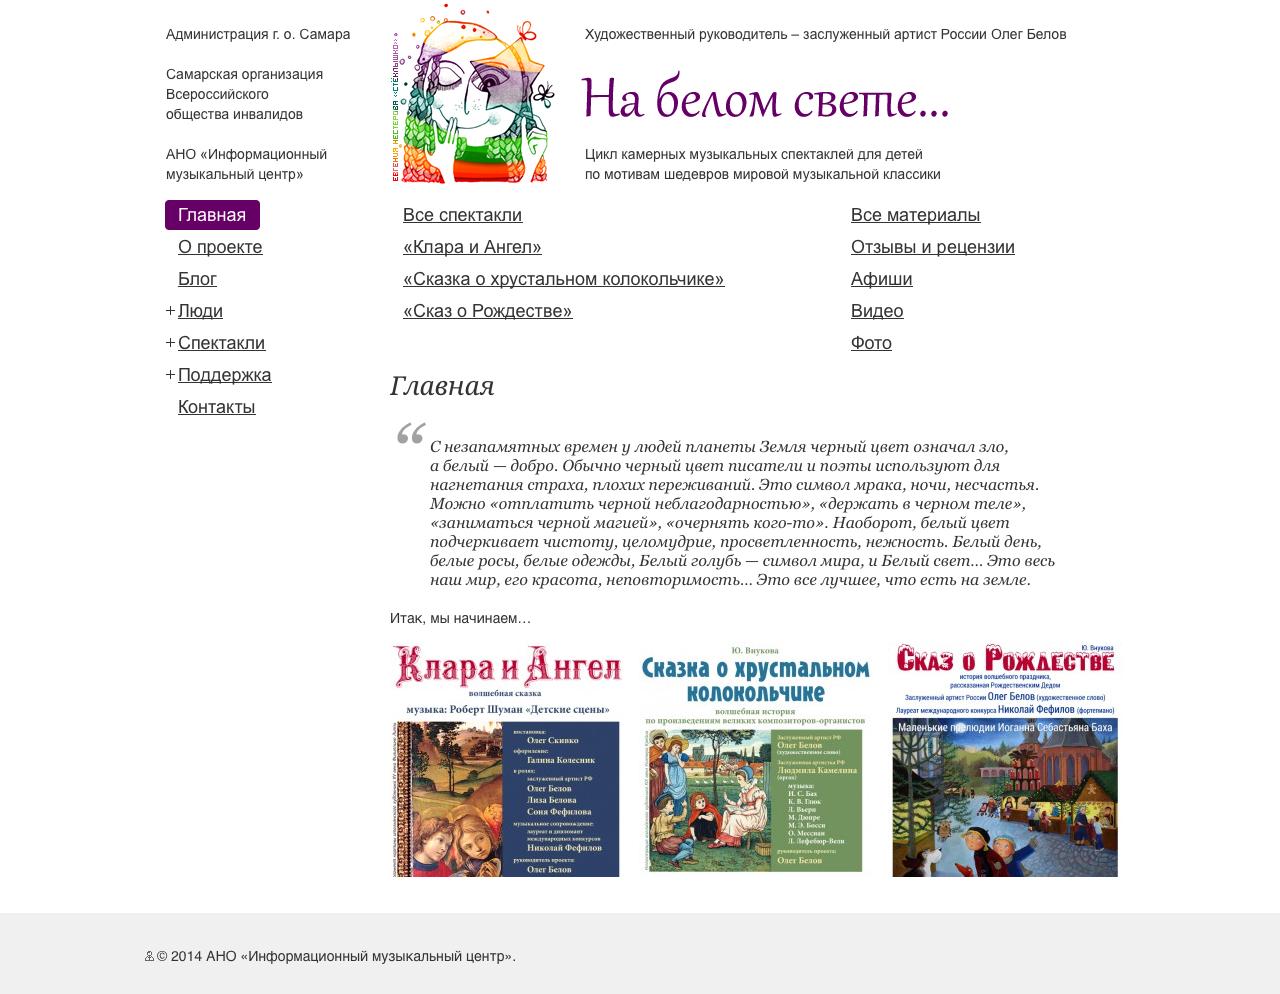 Разрабатываем веб-сайты на заказ. Цена от 8000 руб.